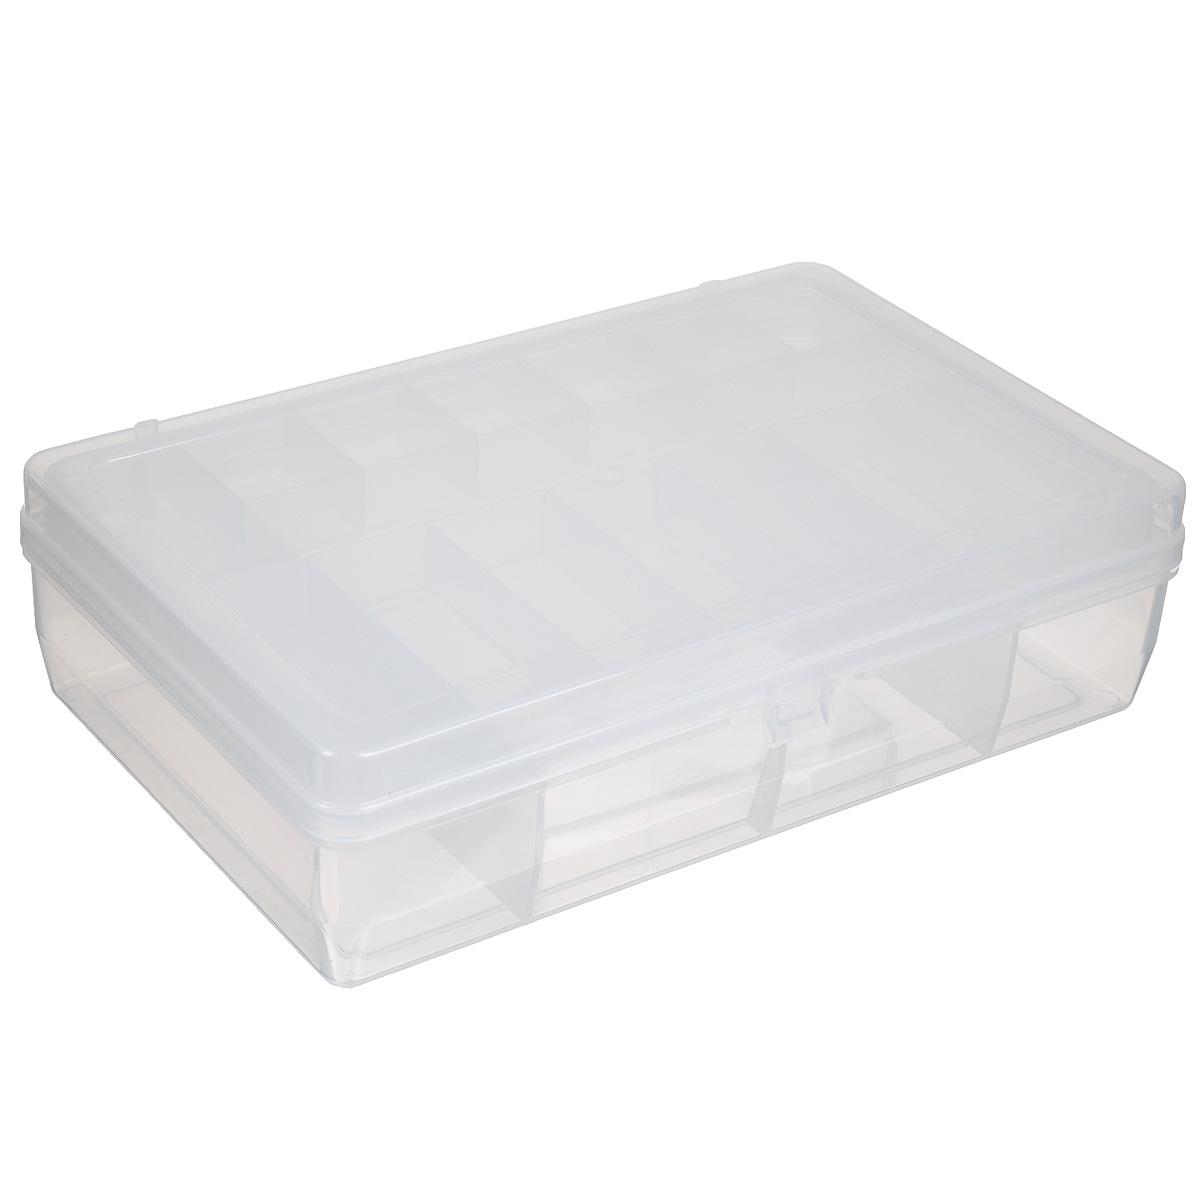 Коробка для мелочей Trivol, двухъярусная, цвет: белый, 23,5 х 15 х 6 см525823_белыйДвухъярусная коробка для мелочей Trivol изготовлена из высококачественного пластика. Прозрачная крышка позволяет видеть содержимое коробки. Изделие имеет два яруса. Верхний ярус представляет собой съемное отделение, в котором содержится 15 прямоугольных ячеек. Нижний ярус имеет 3 ячейки разного размера. Коробка прекрасно подойдет для хранения швейных принадлежностей, рыболовных снастей, мелких деталей и других бытовых мелочей. Удобный и надежный замок-защелка обеспечивает надежное закрывание крышки. Коробка легко моется и чистится. Такая коробка поможет держать вещи в порядке. Размер самой маленькой ячейки: 3,5 см х 3 см х 1,7 см. Размер самой большой ячейки: 13 см х 14,5 см х 5 см.